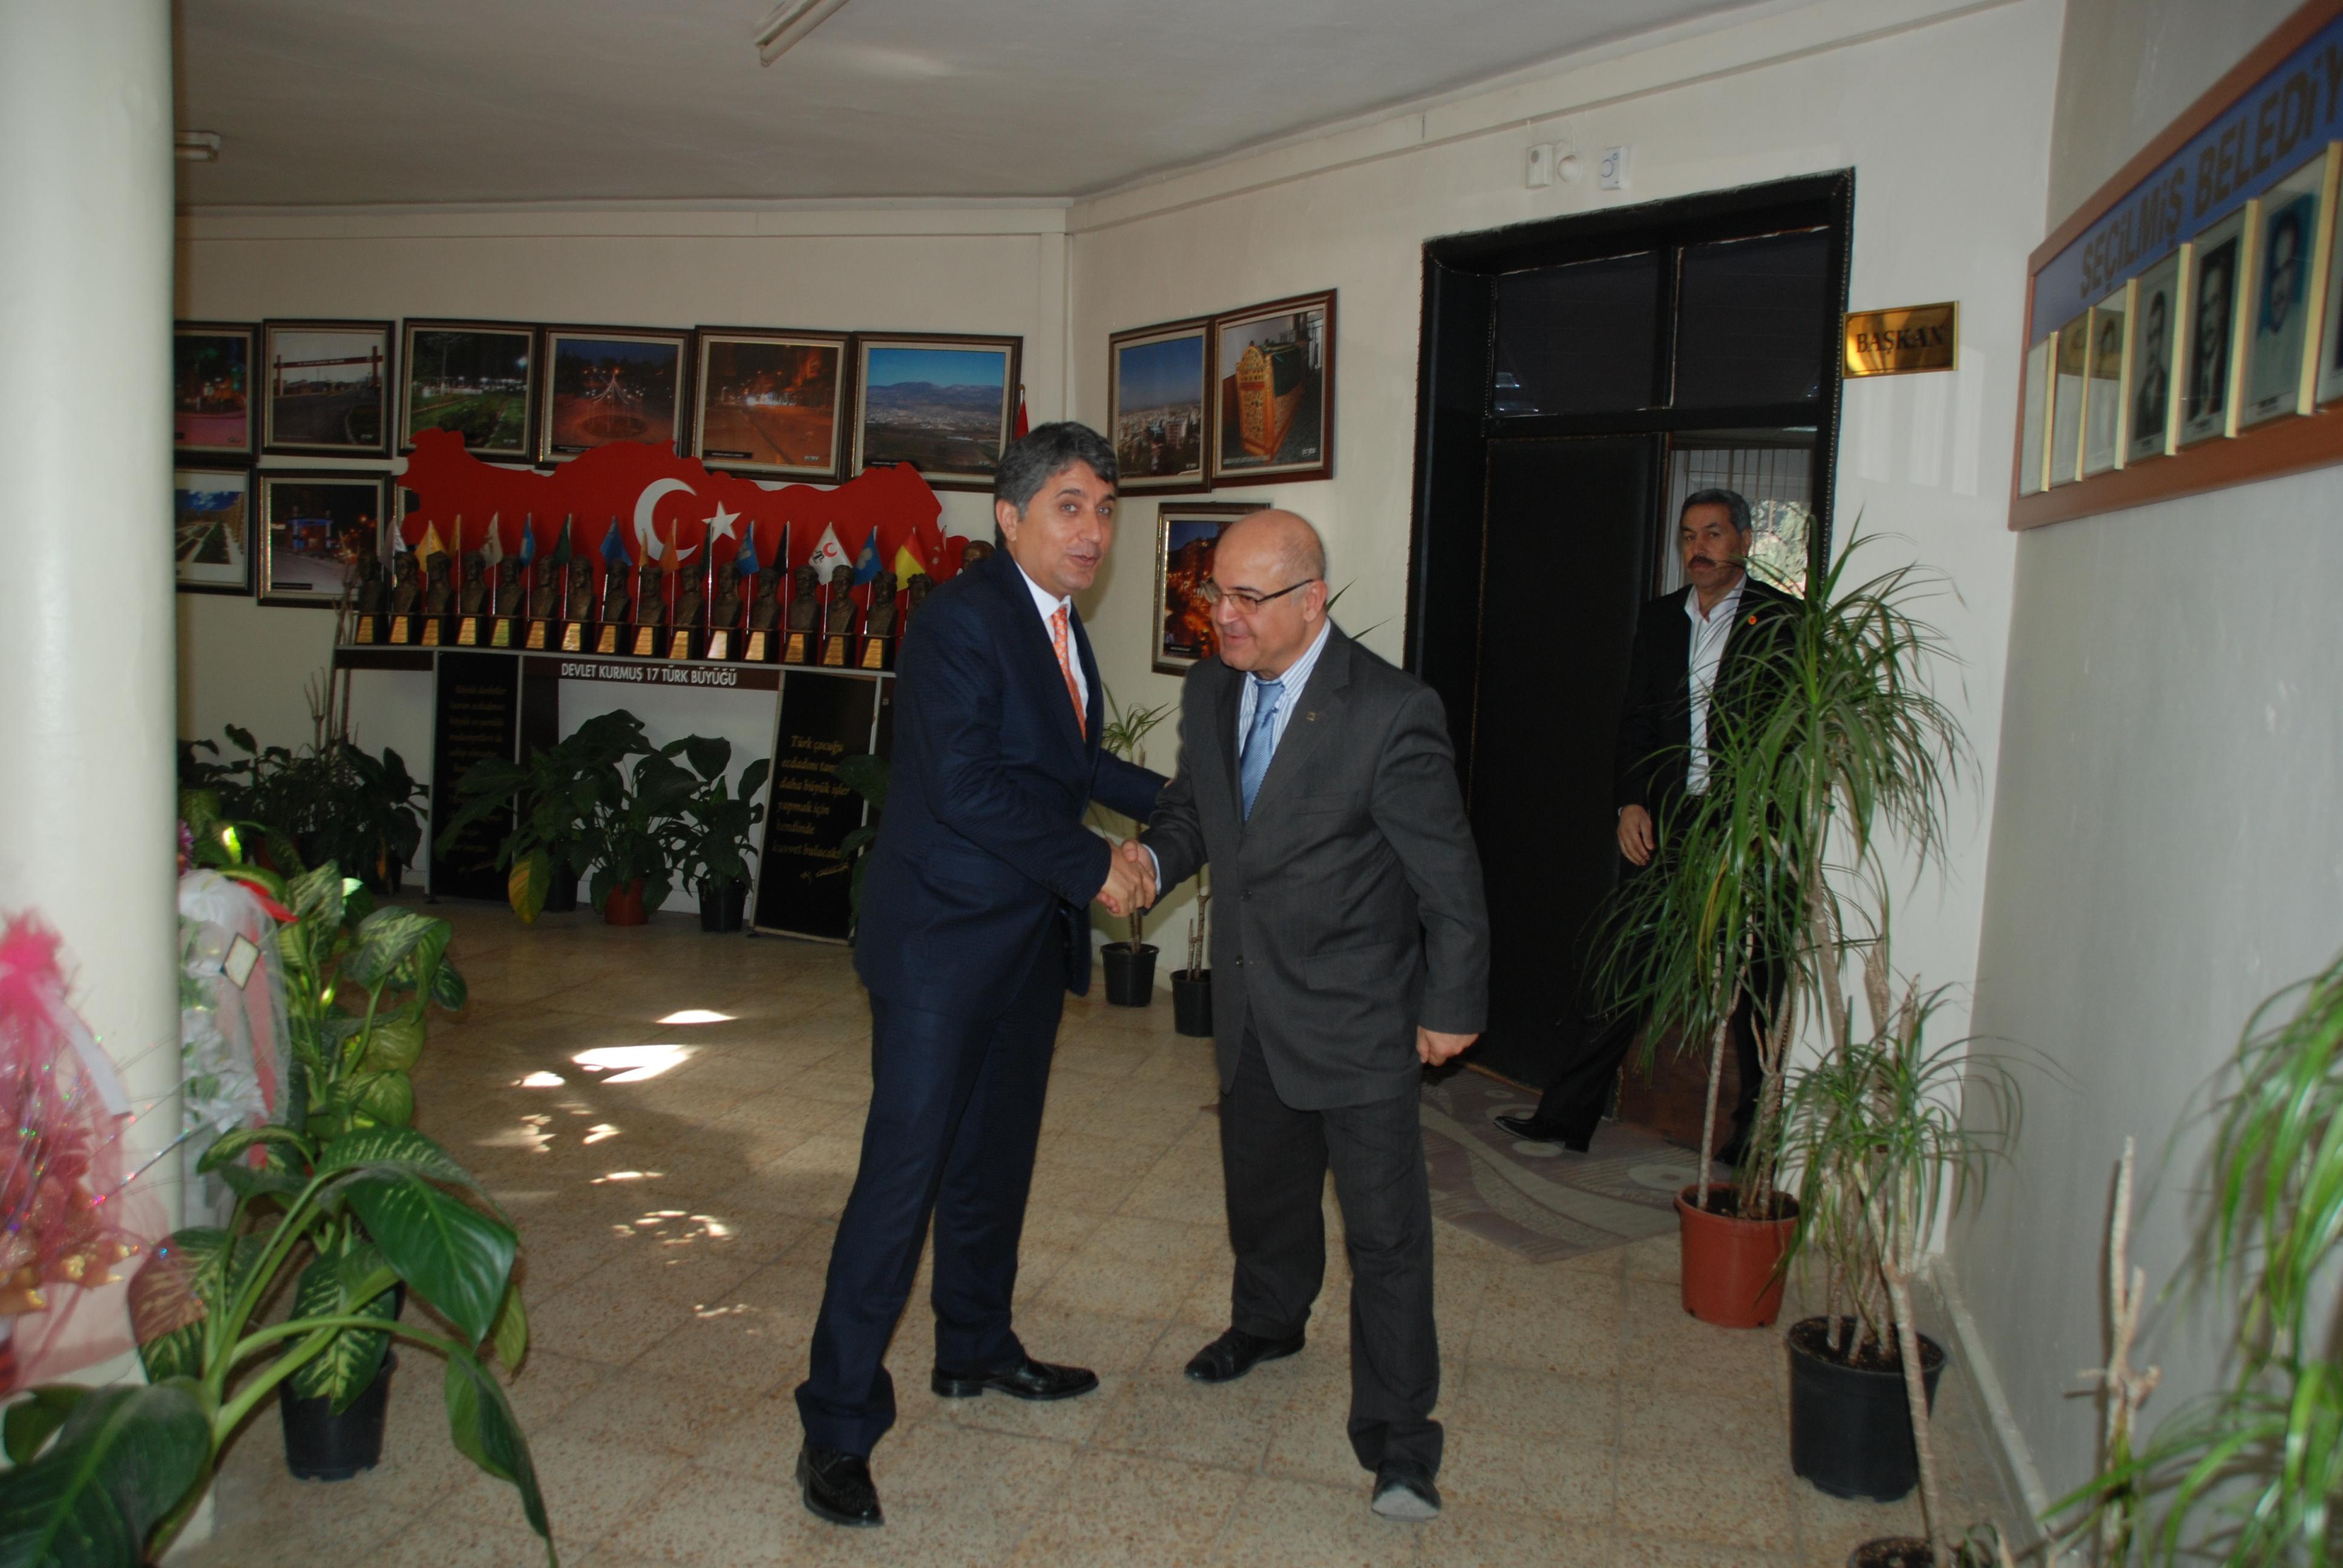 Türk Alman Kültür Merkezi Genel Başkanından Belediye Başkanı Ayhan YAVUZ'a Ziyaret